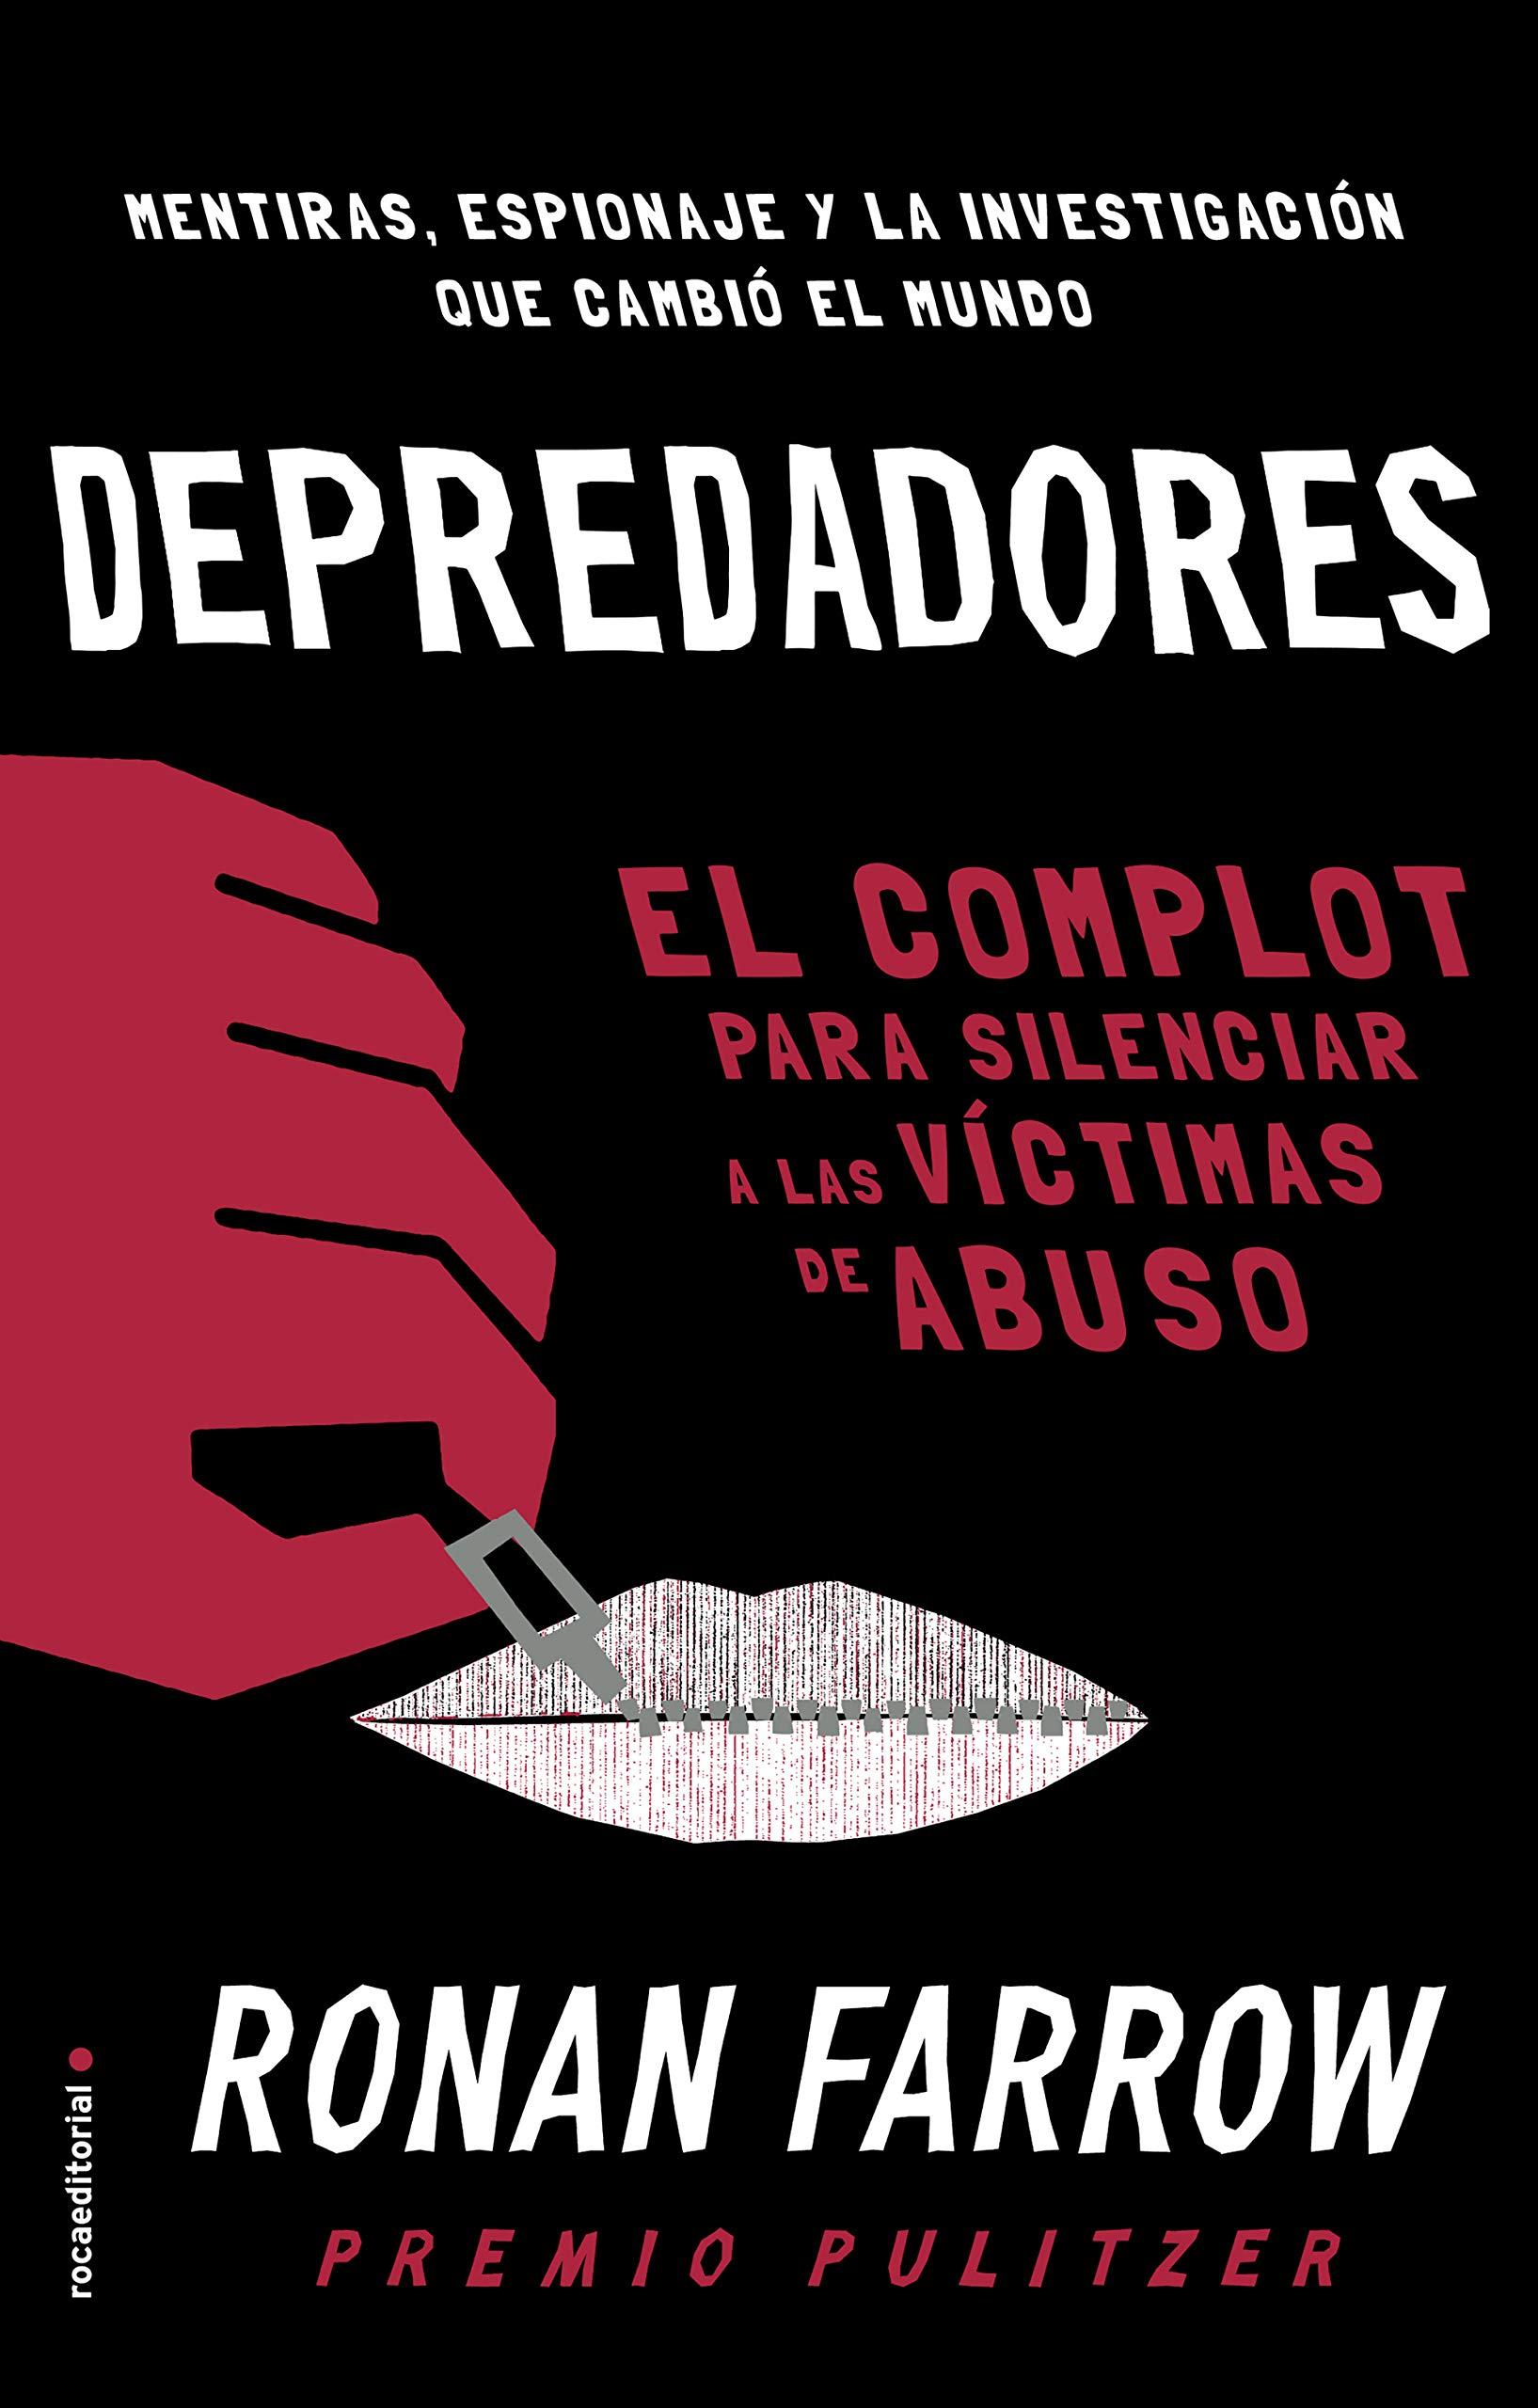 Depredadores: El complot para silenciar a las víctimas de abuso. No Ficción: Amazon.es: Farrow, Ronan, Enguix Tercero, María: Libros